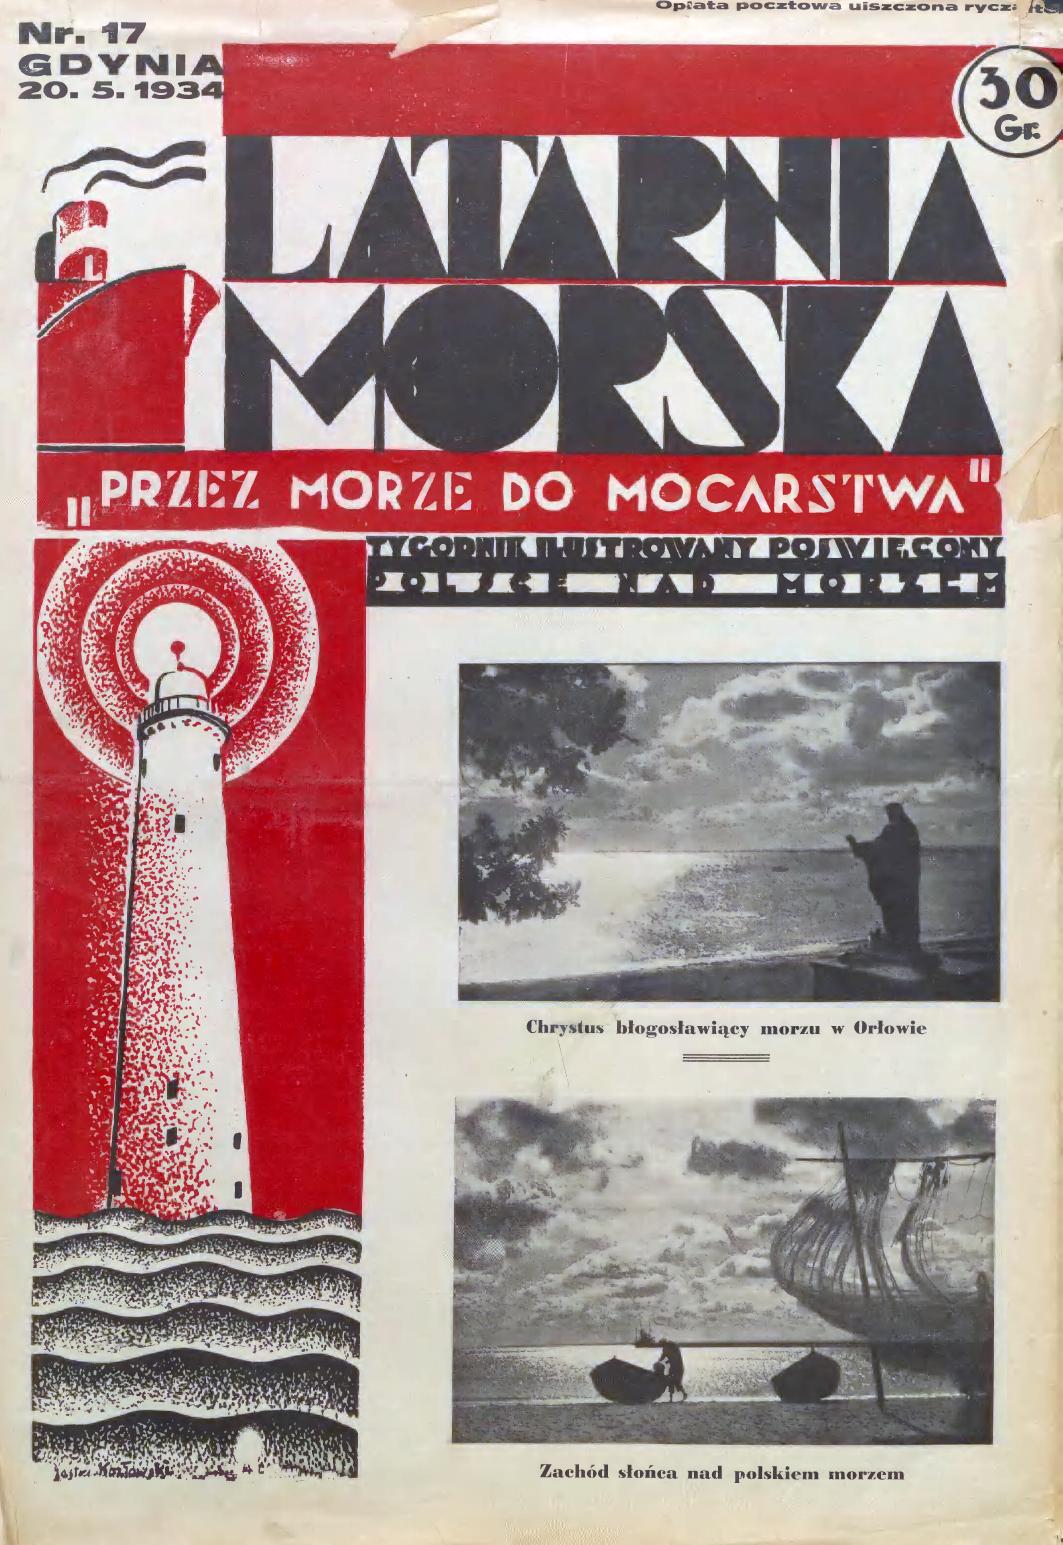 Latarnia Morska: tygodnik ilustrowany poświęcony Polsce nad morzem. – Gdynia : Balto Polak – Zakłady Graficzne i Wydawnicze, 1934, nr 17